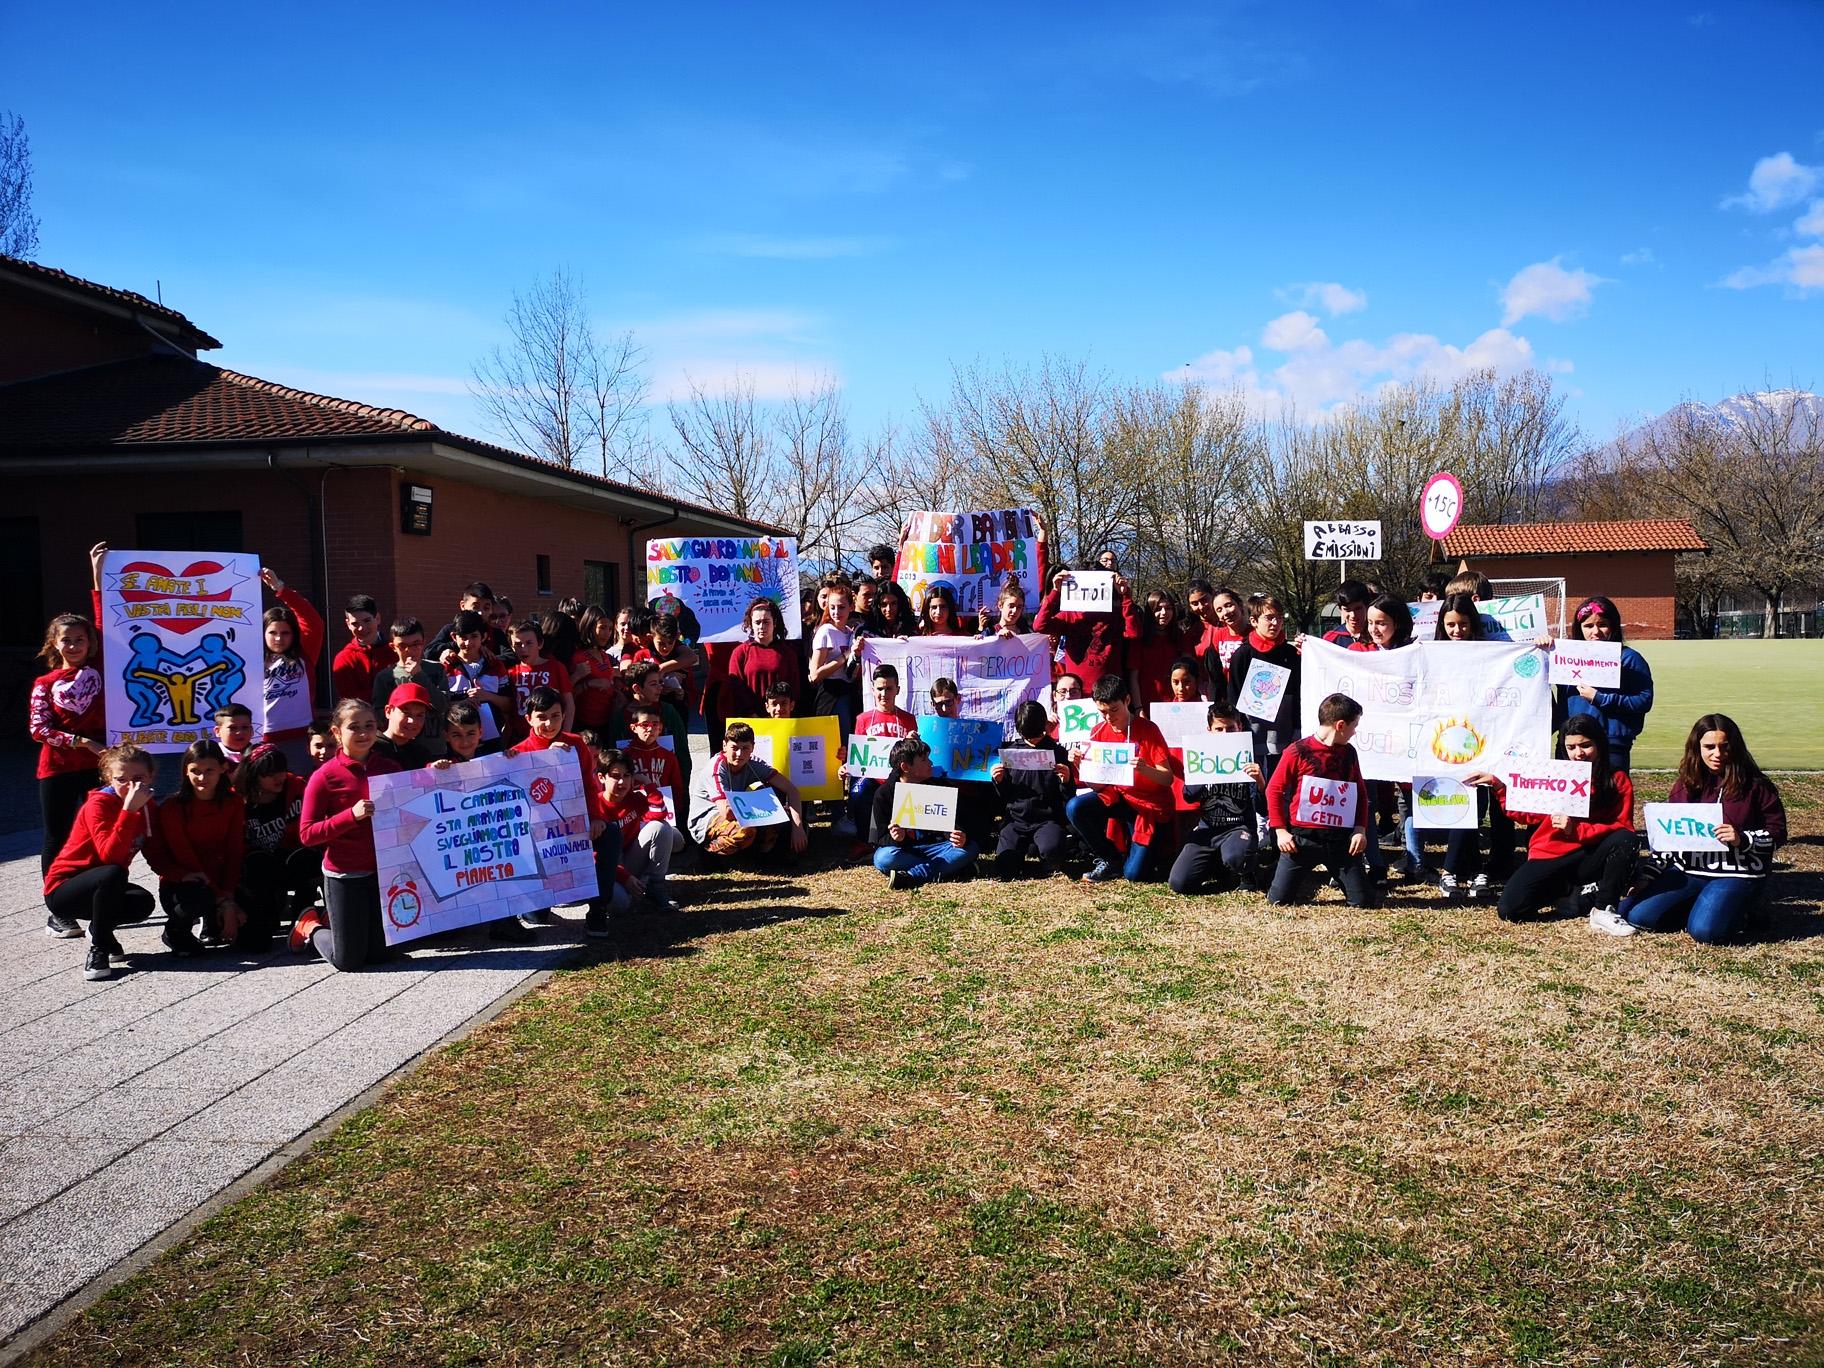 CANAVESE - Bambini e ragazzi in piazza per il «Fridays for future»: più rispetto per l'ambiente e il pianeta - FOTO E VIDEO